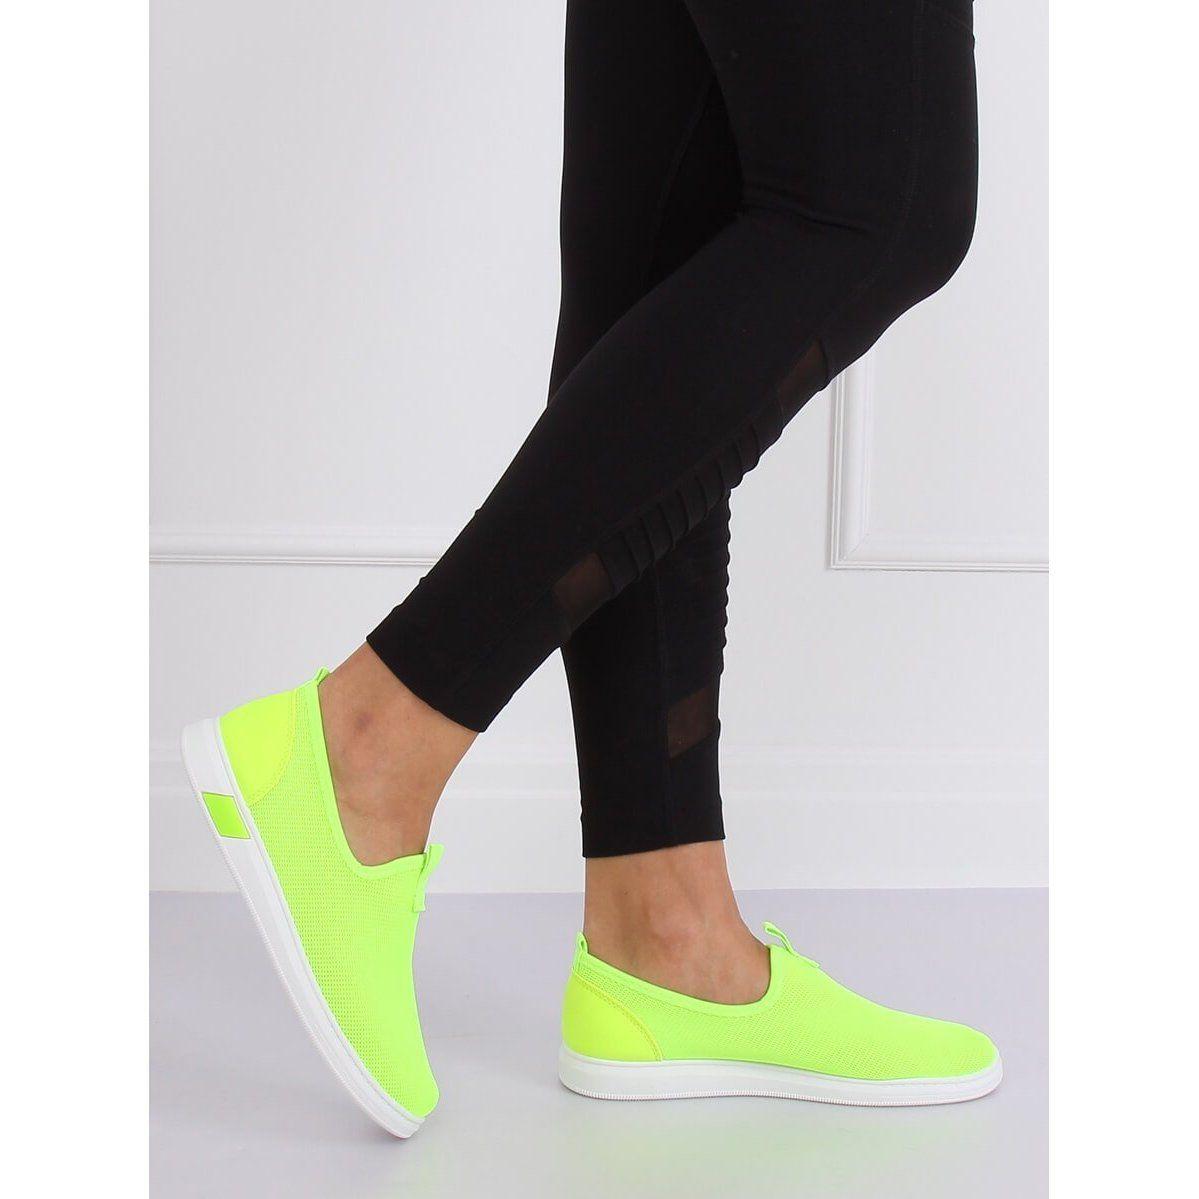 Tenisowki Wsuwane Neonowe 1066 Green Zielone Vans Classic Slip On Sneaker Slip On Sneaker Sneakers